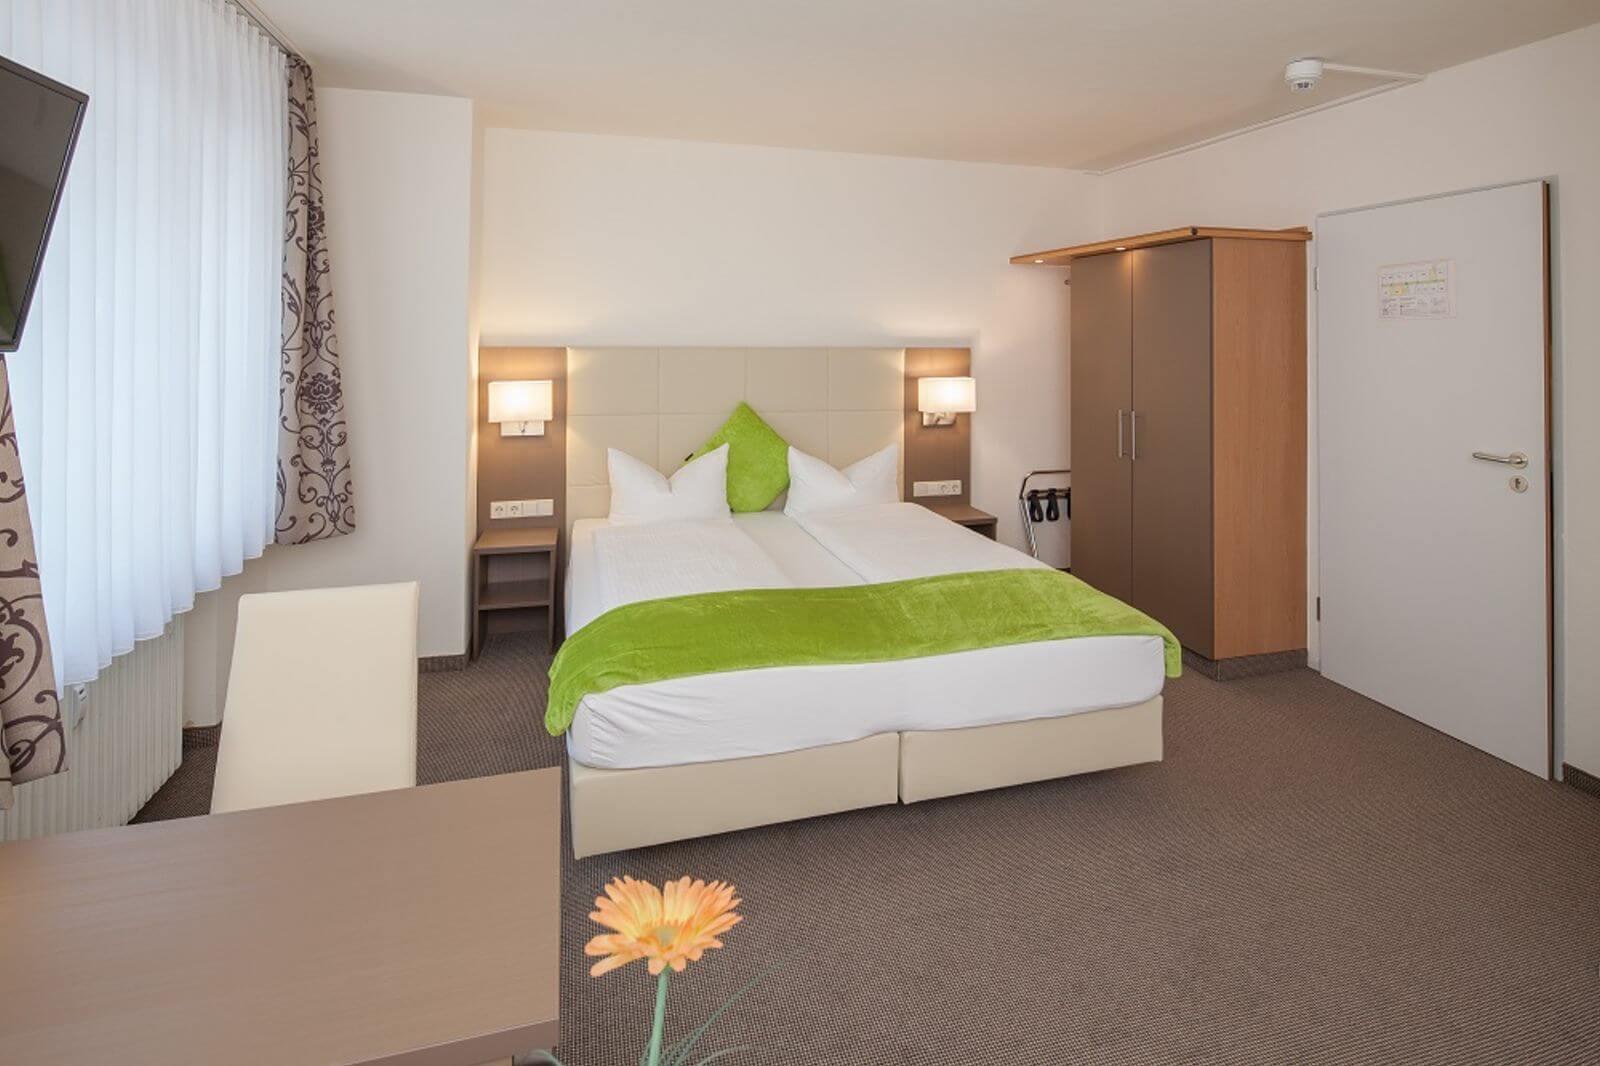 doppelzimmer-hotel-garni-pension-freiburg-cityhotel-innenstadt-guenstig (2)